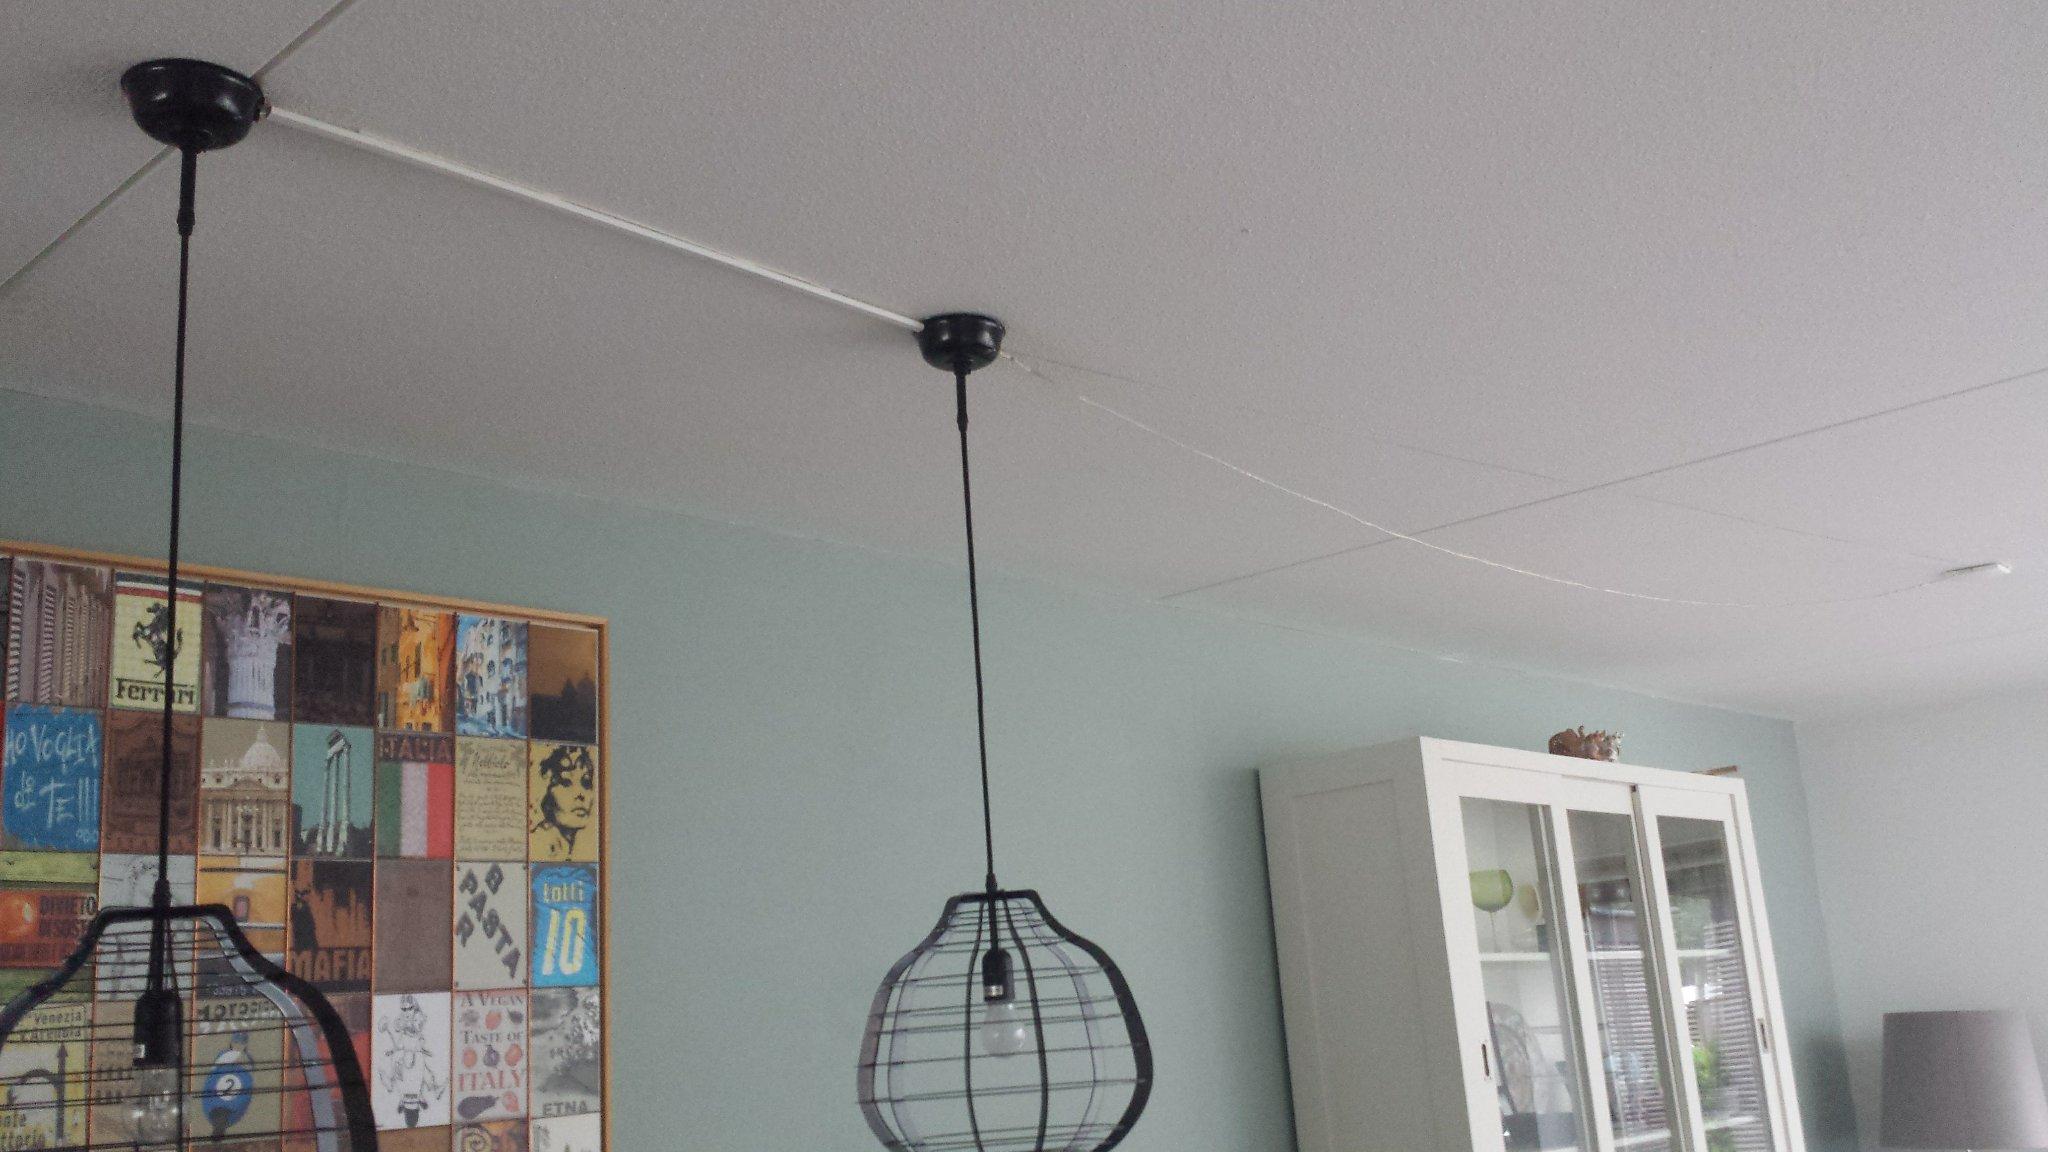 Twee Lampen Ophangen : Lampen ophangen en kabel netjes verbergen werkspot